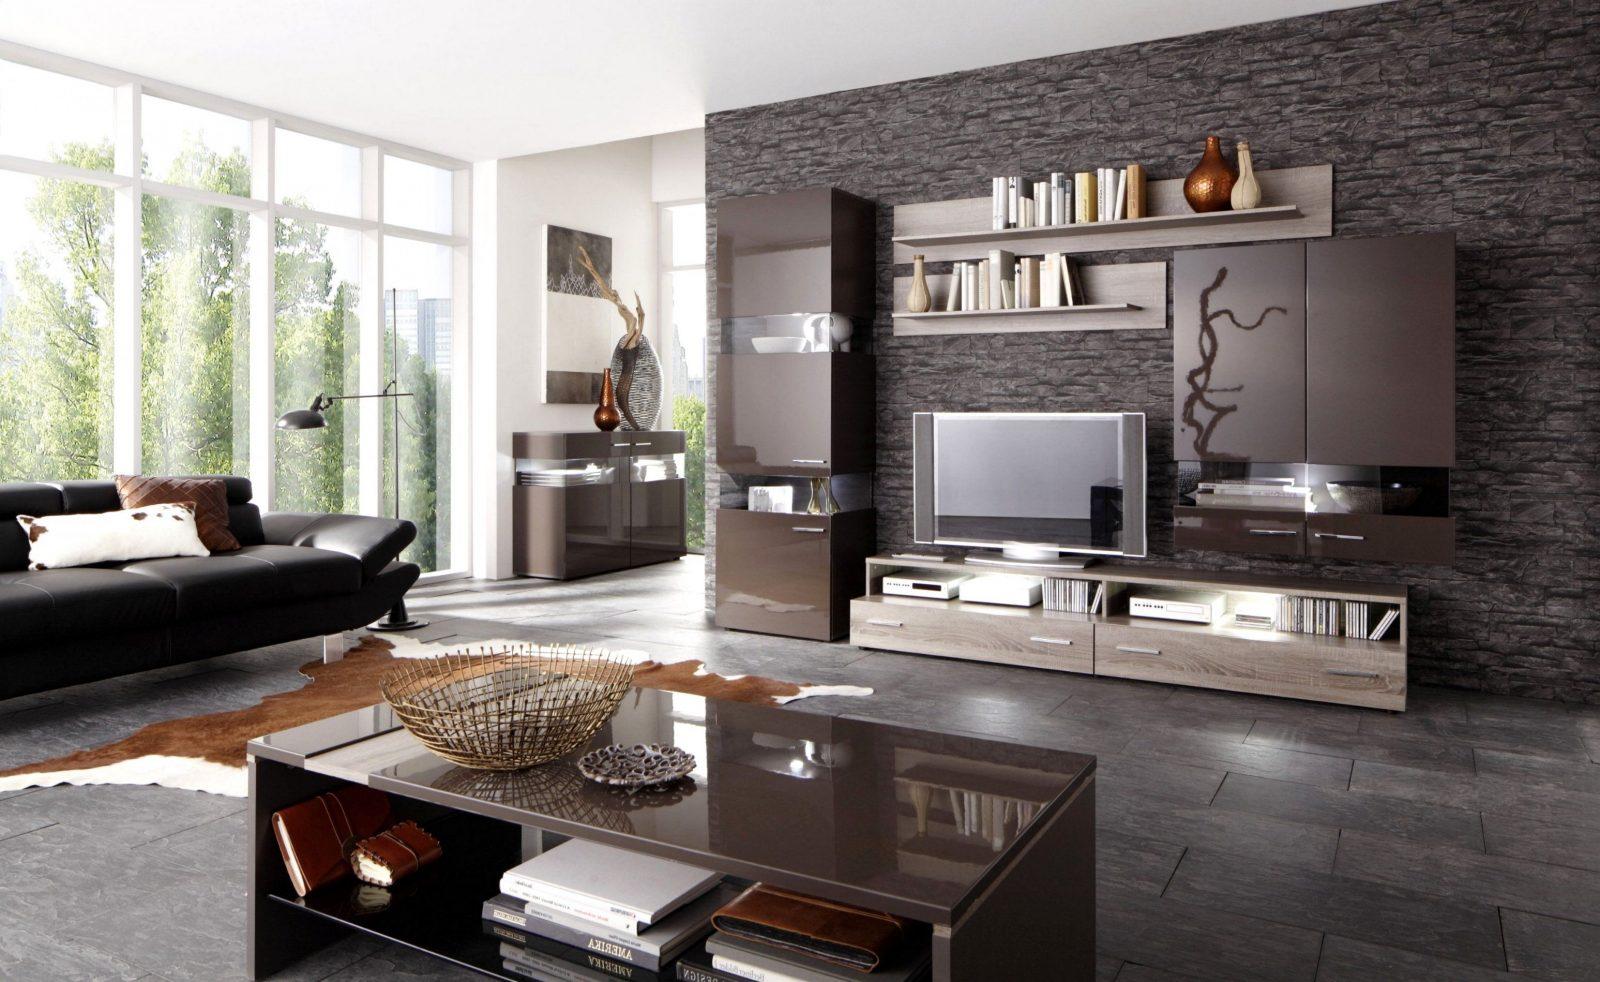 Wohnzimmer Ideen Dachschrage Das Beste Von Regal Dachschrage Ikea Ikea